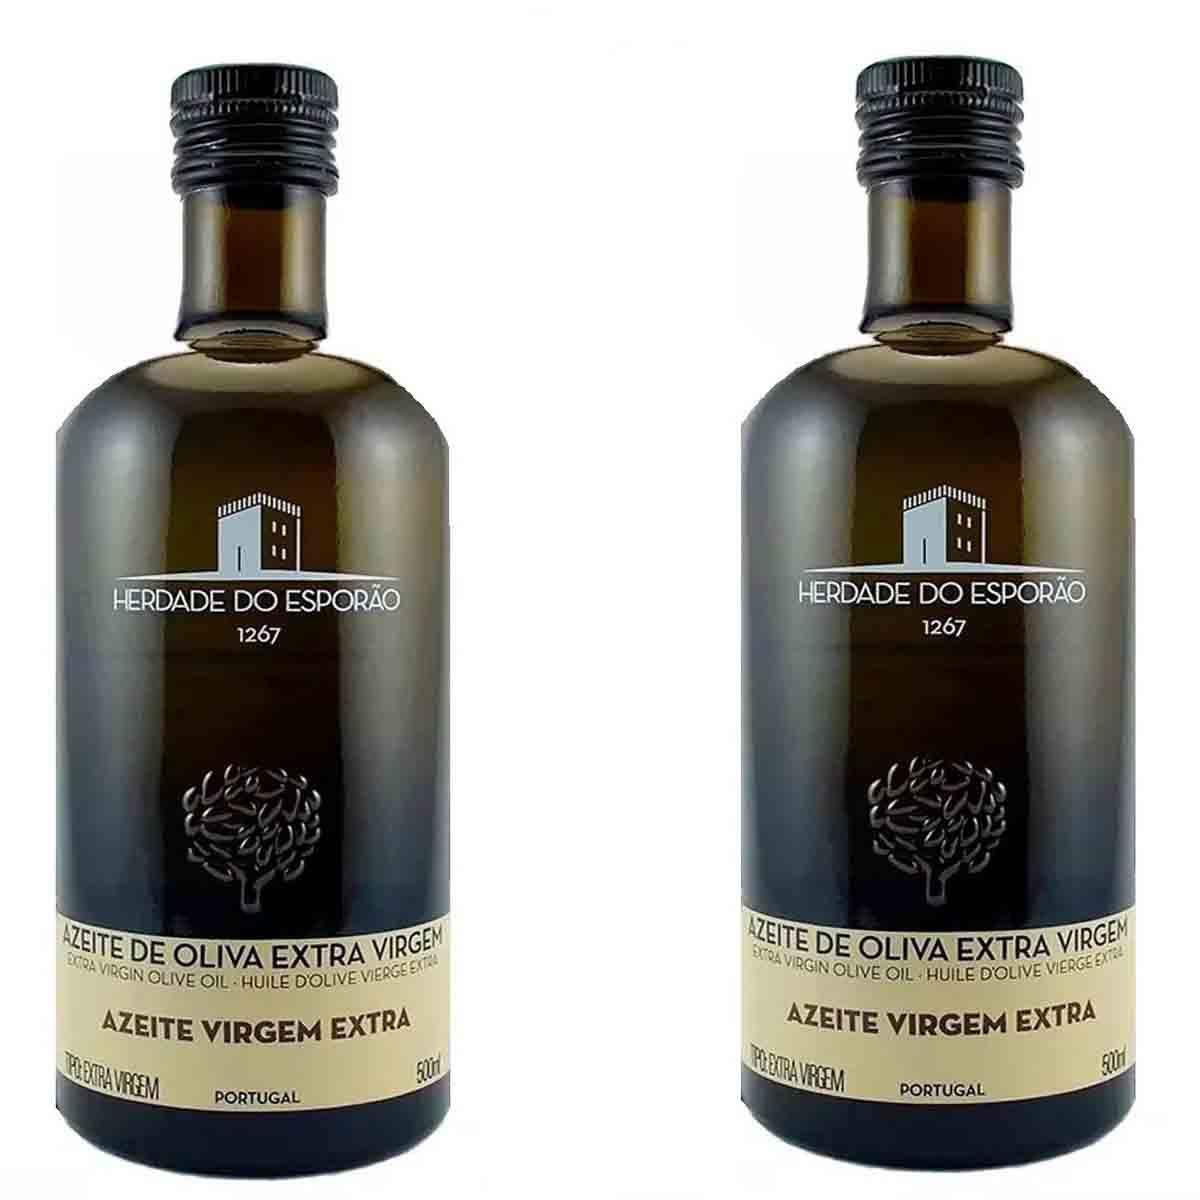 Kit 2 Azeite de oliva extra virgem Português Herdade do Esporão 500ml